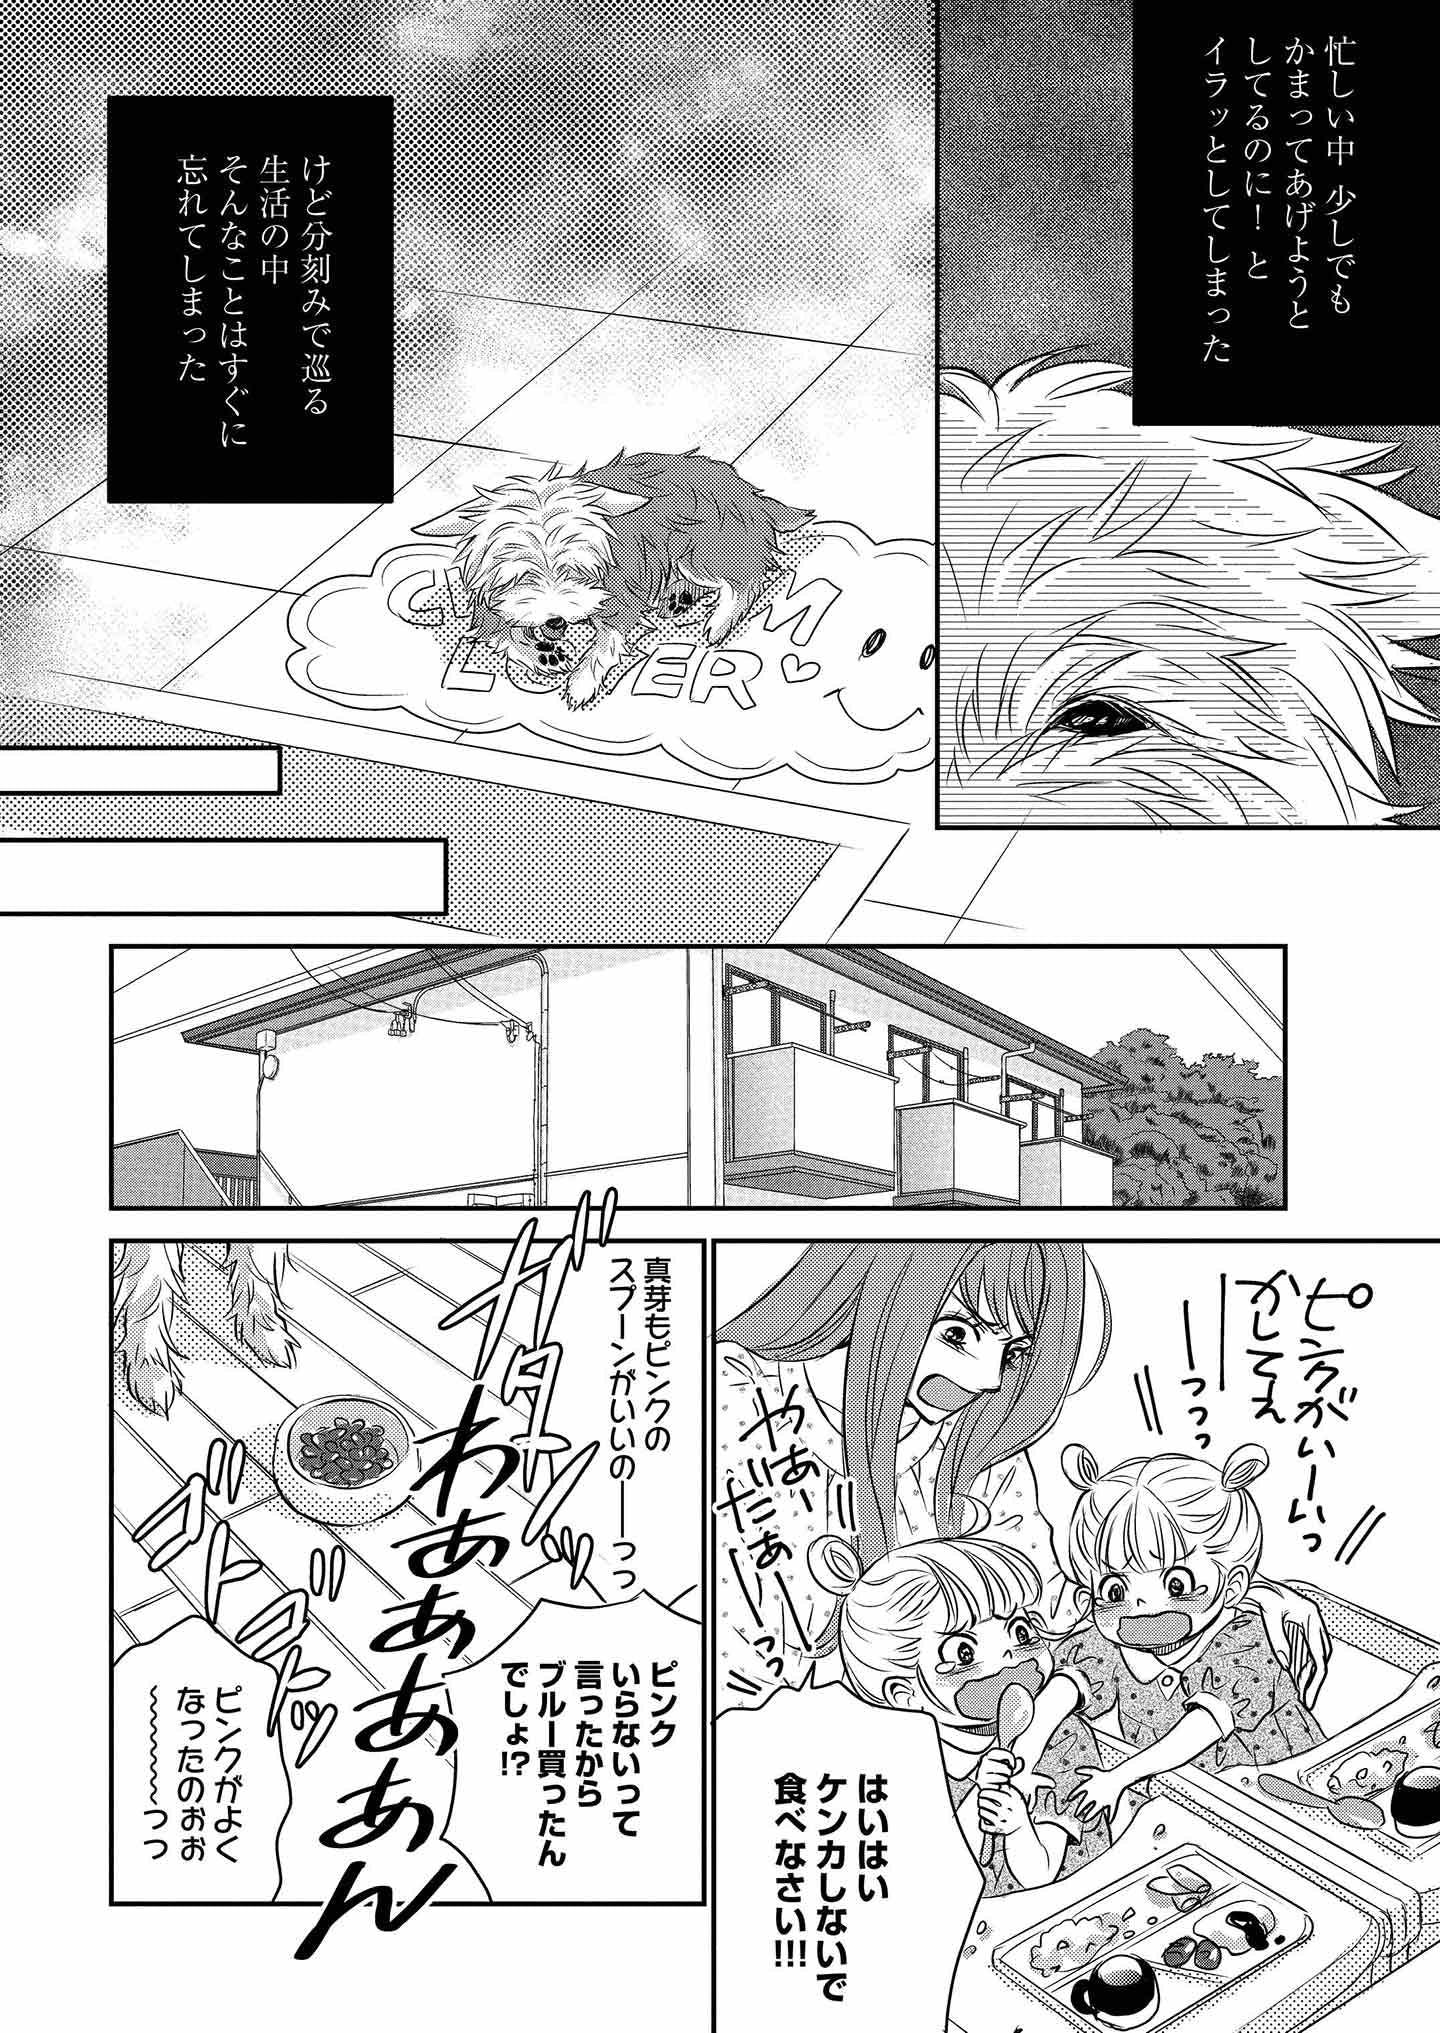 『DOG SIGNAL』13話目② 3ページ目